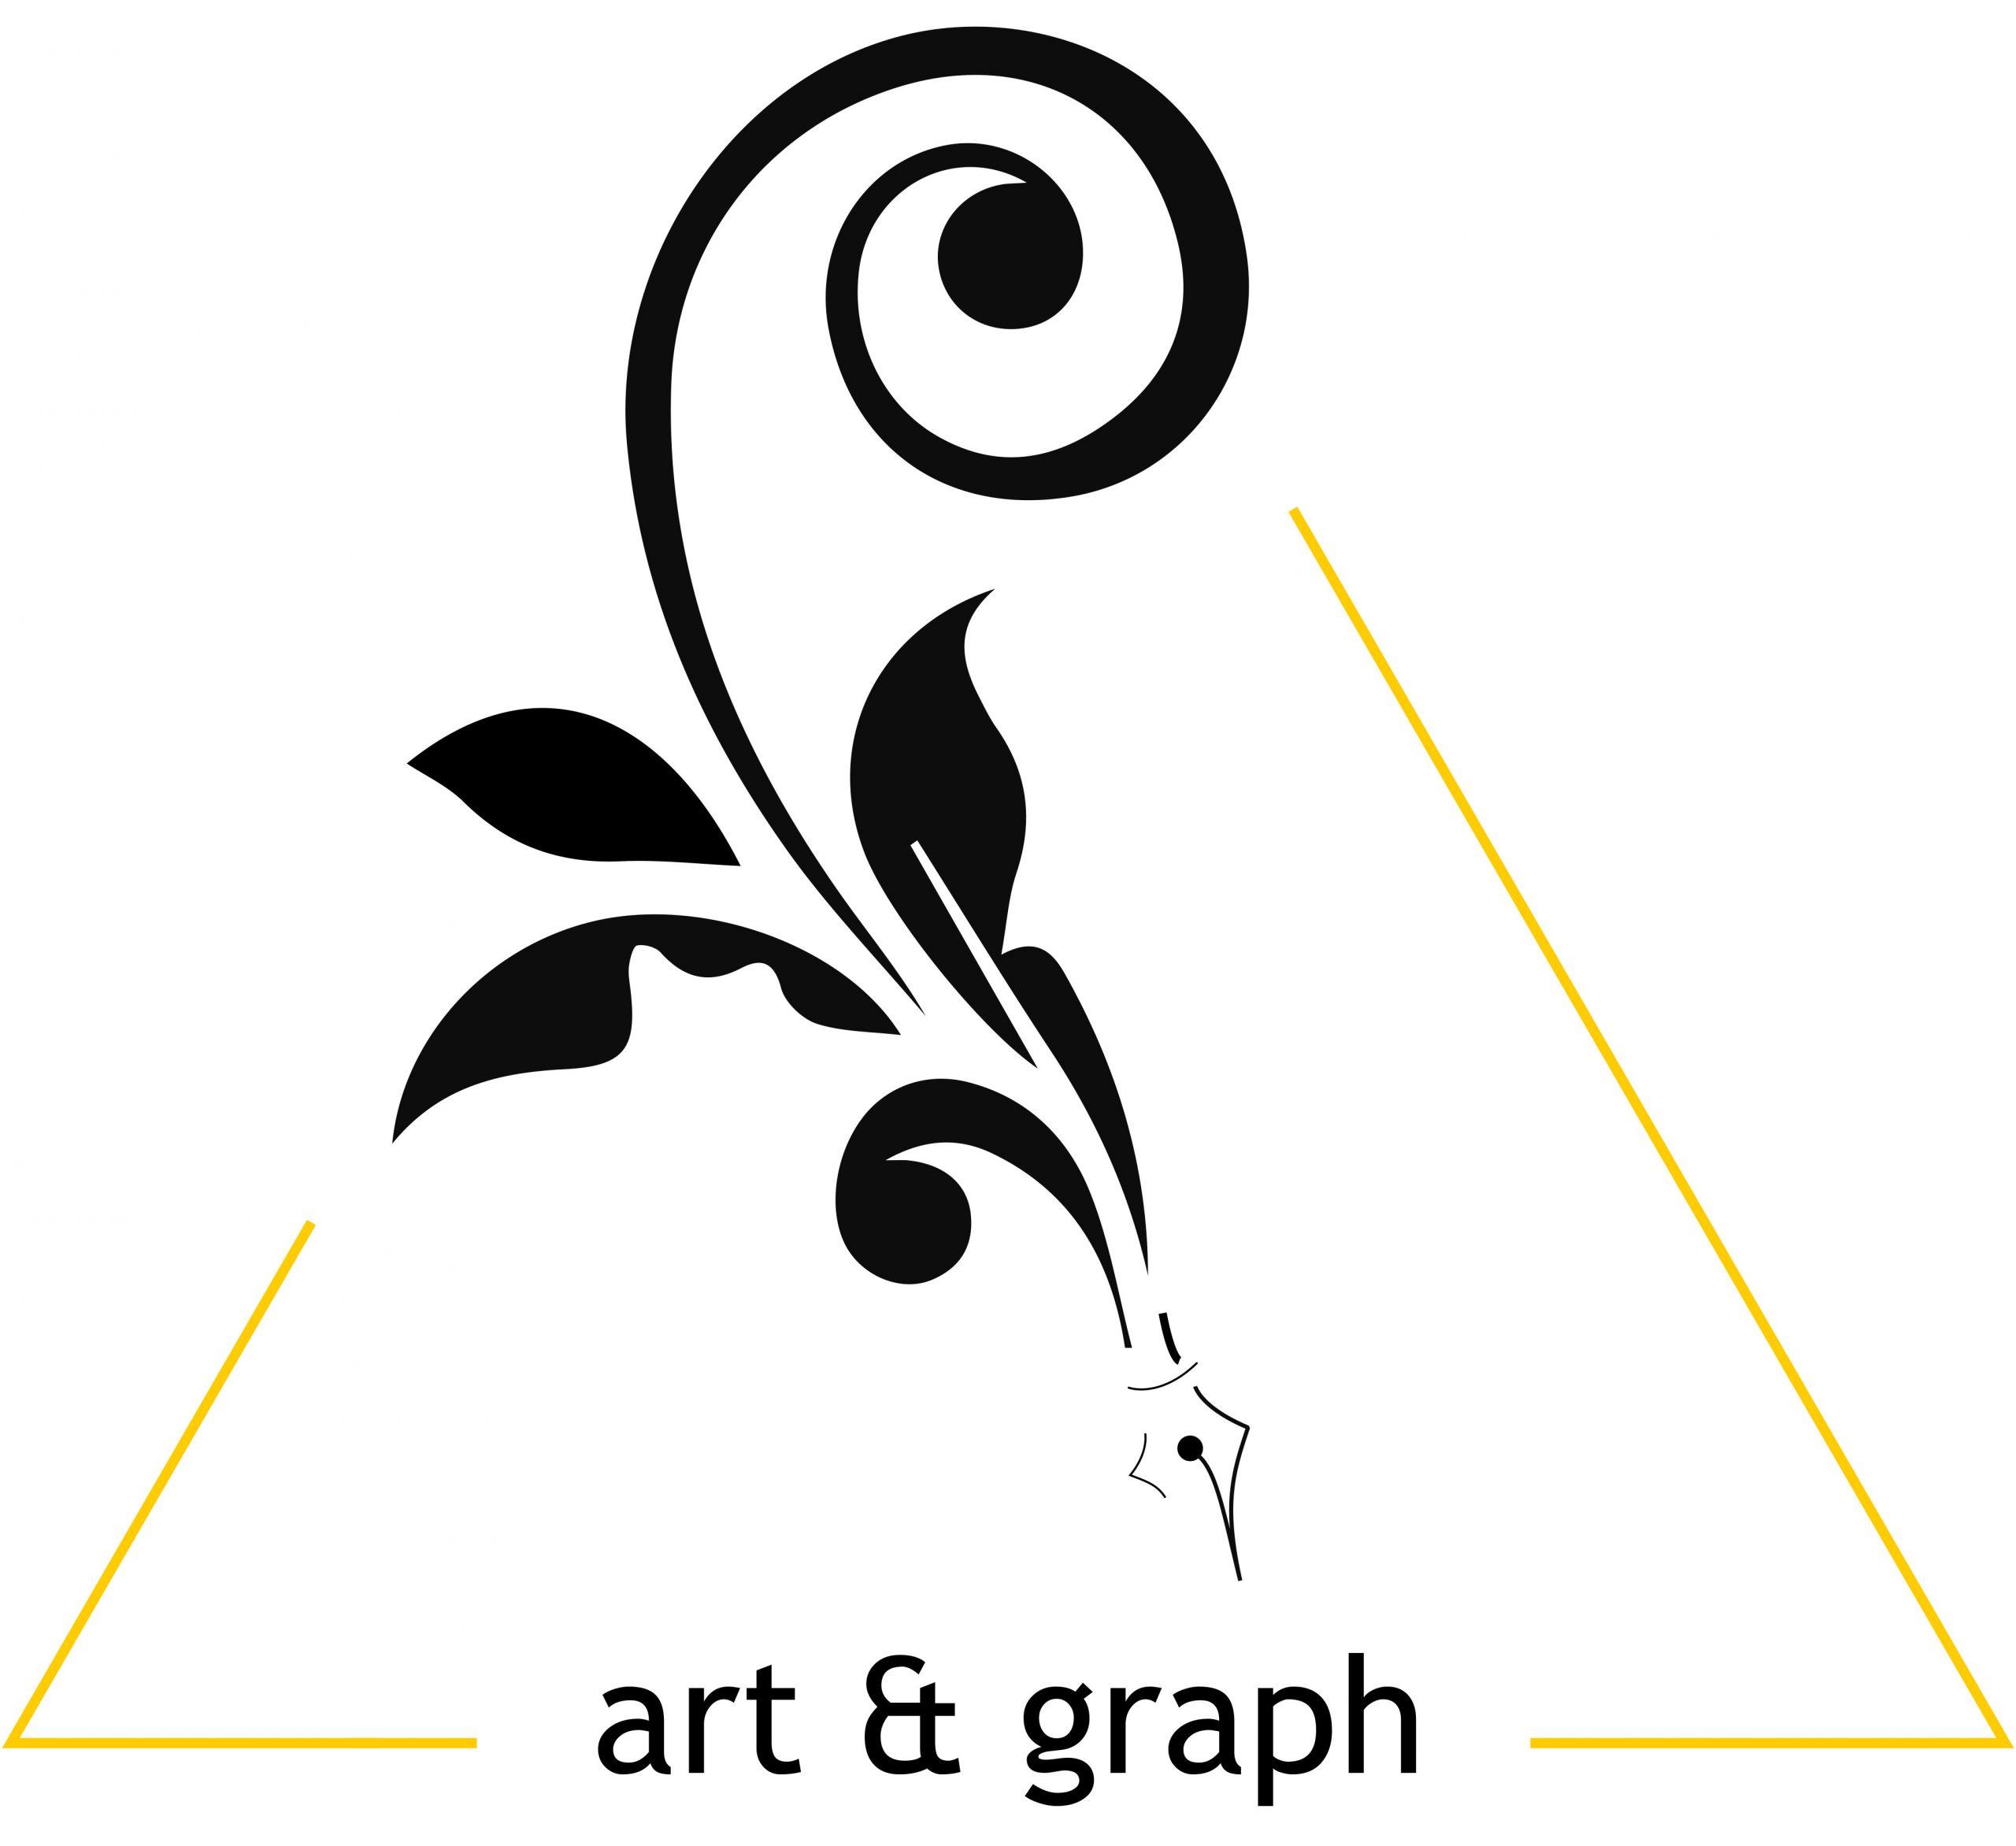 art & graph